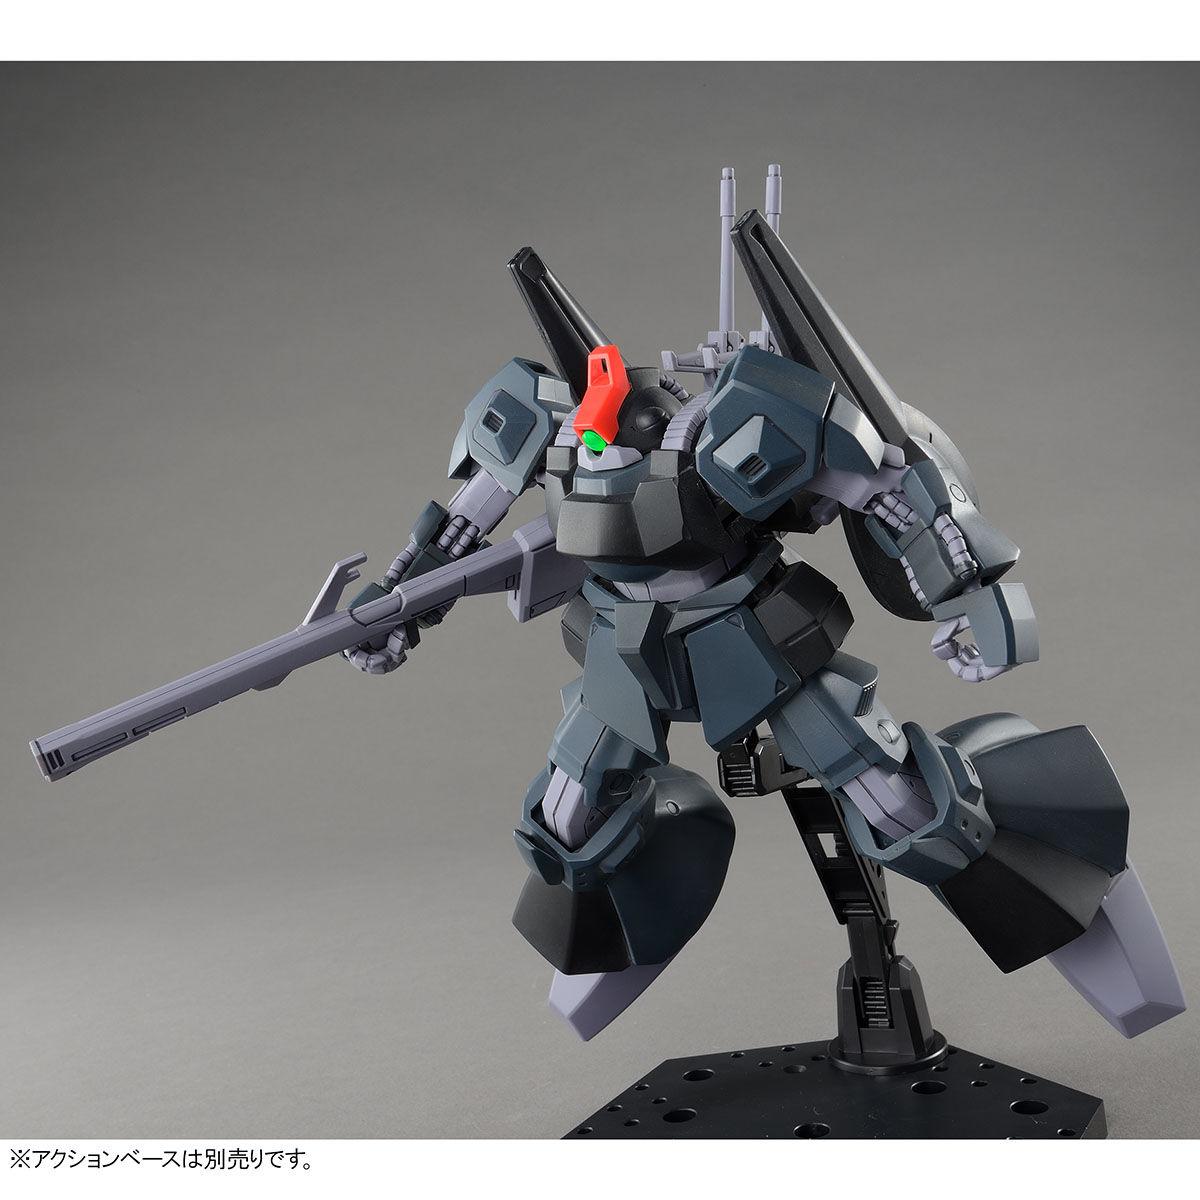 【限定販売】HG 1/144『リック・ディアス』機動戦士Zガンダム プラモデル-008